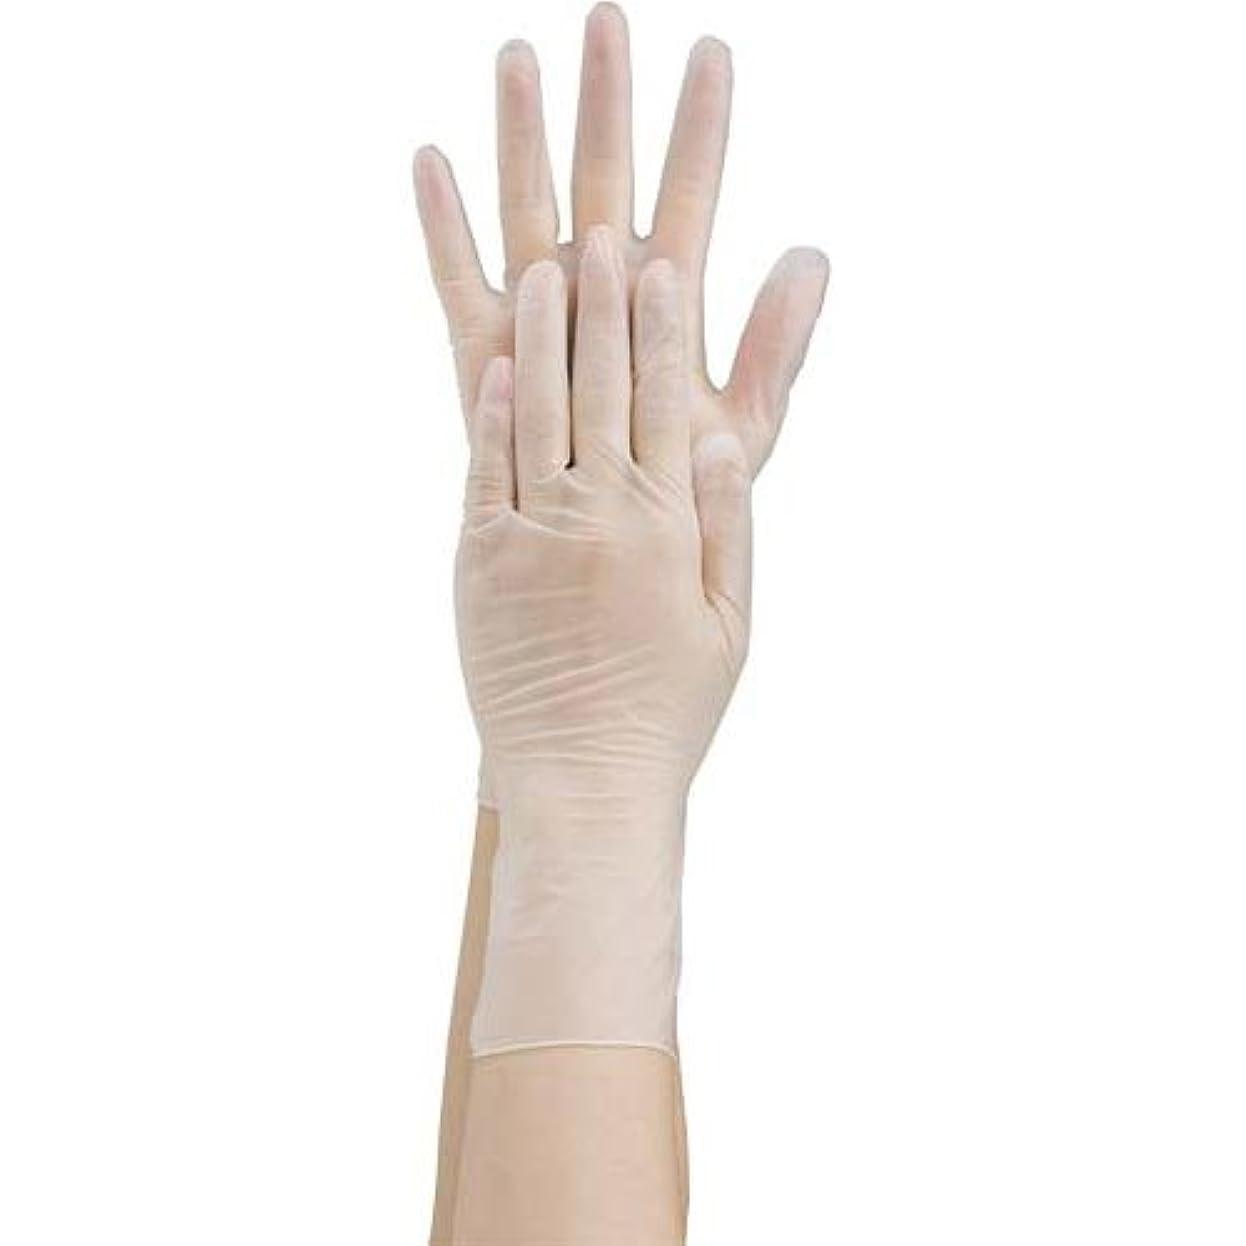 けん引旋回ラフ共和 プラスチック手袋 粉無 No.2500 S 10箱